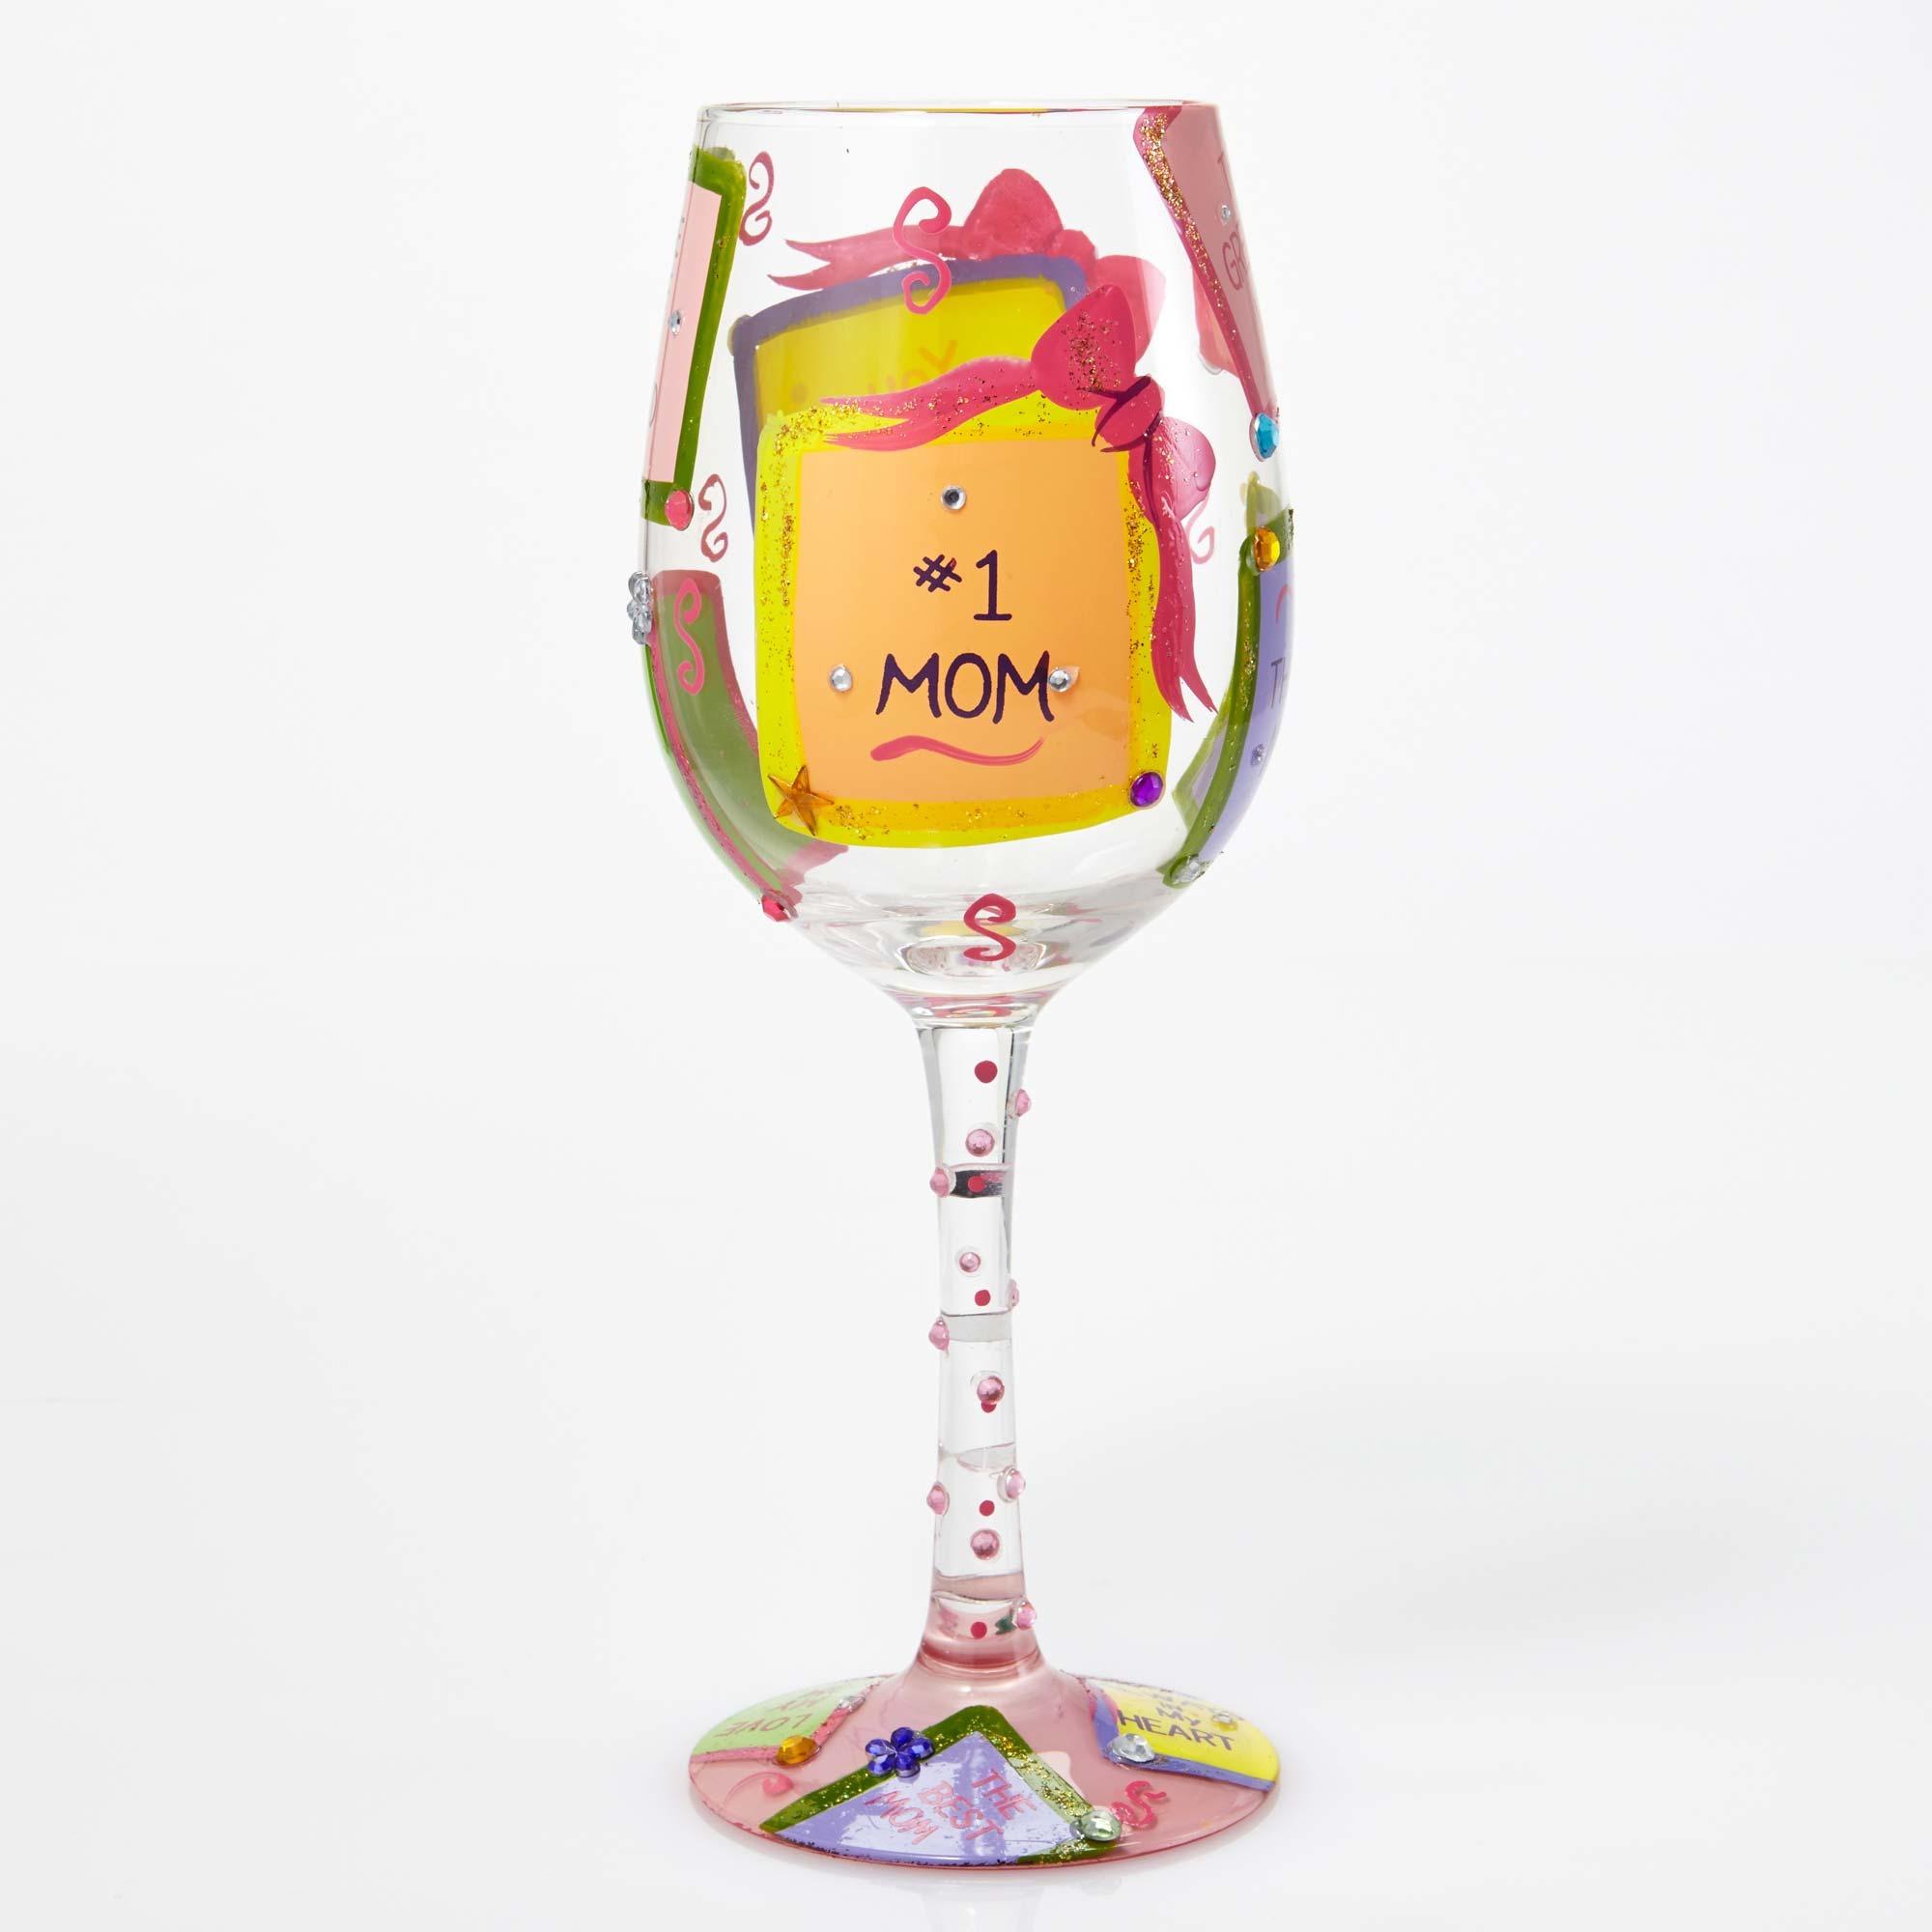 #1 Mom - Wine Glass